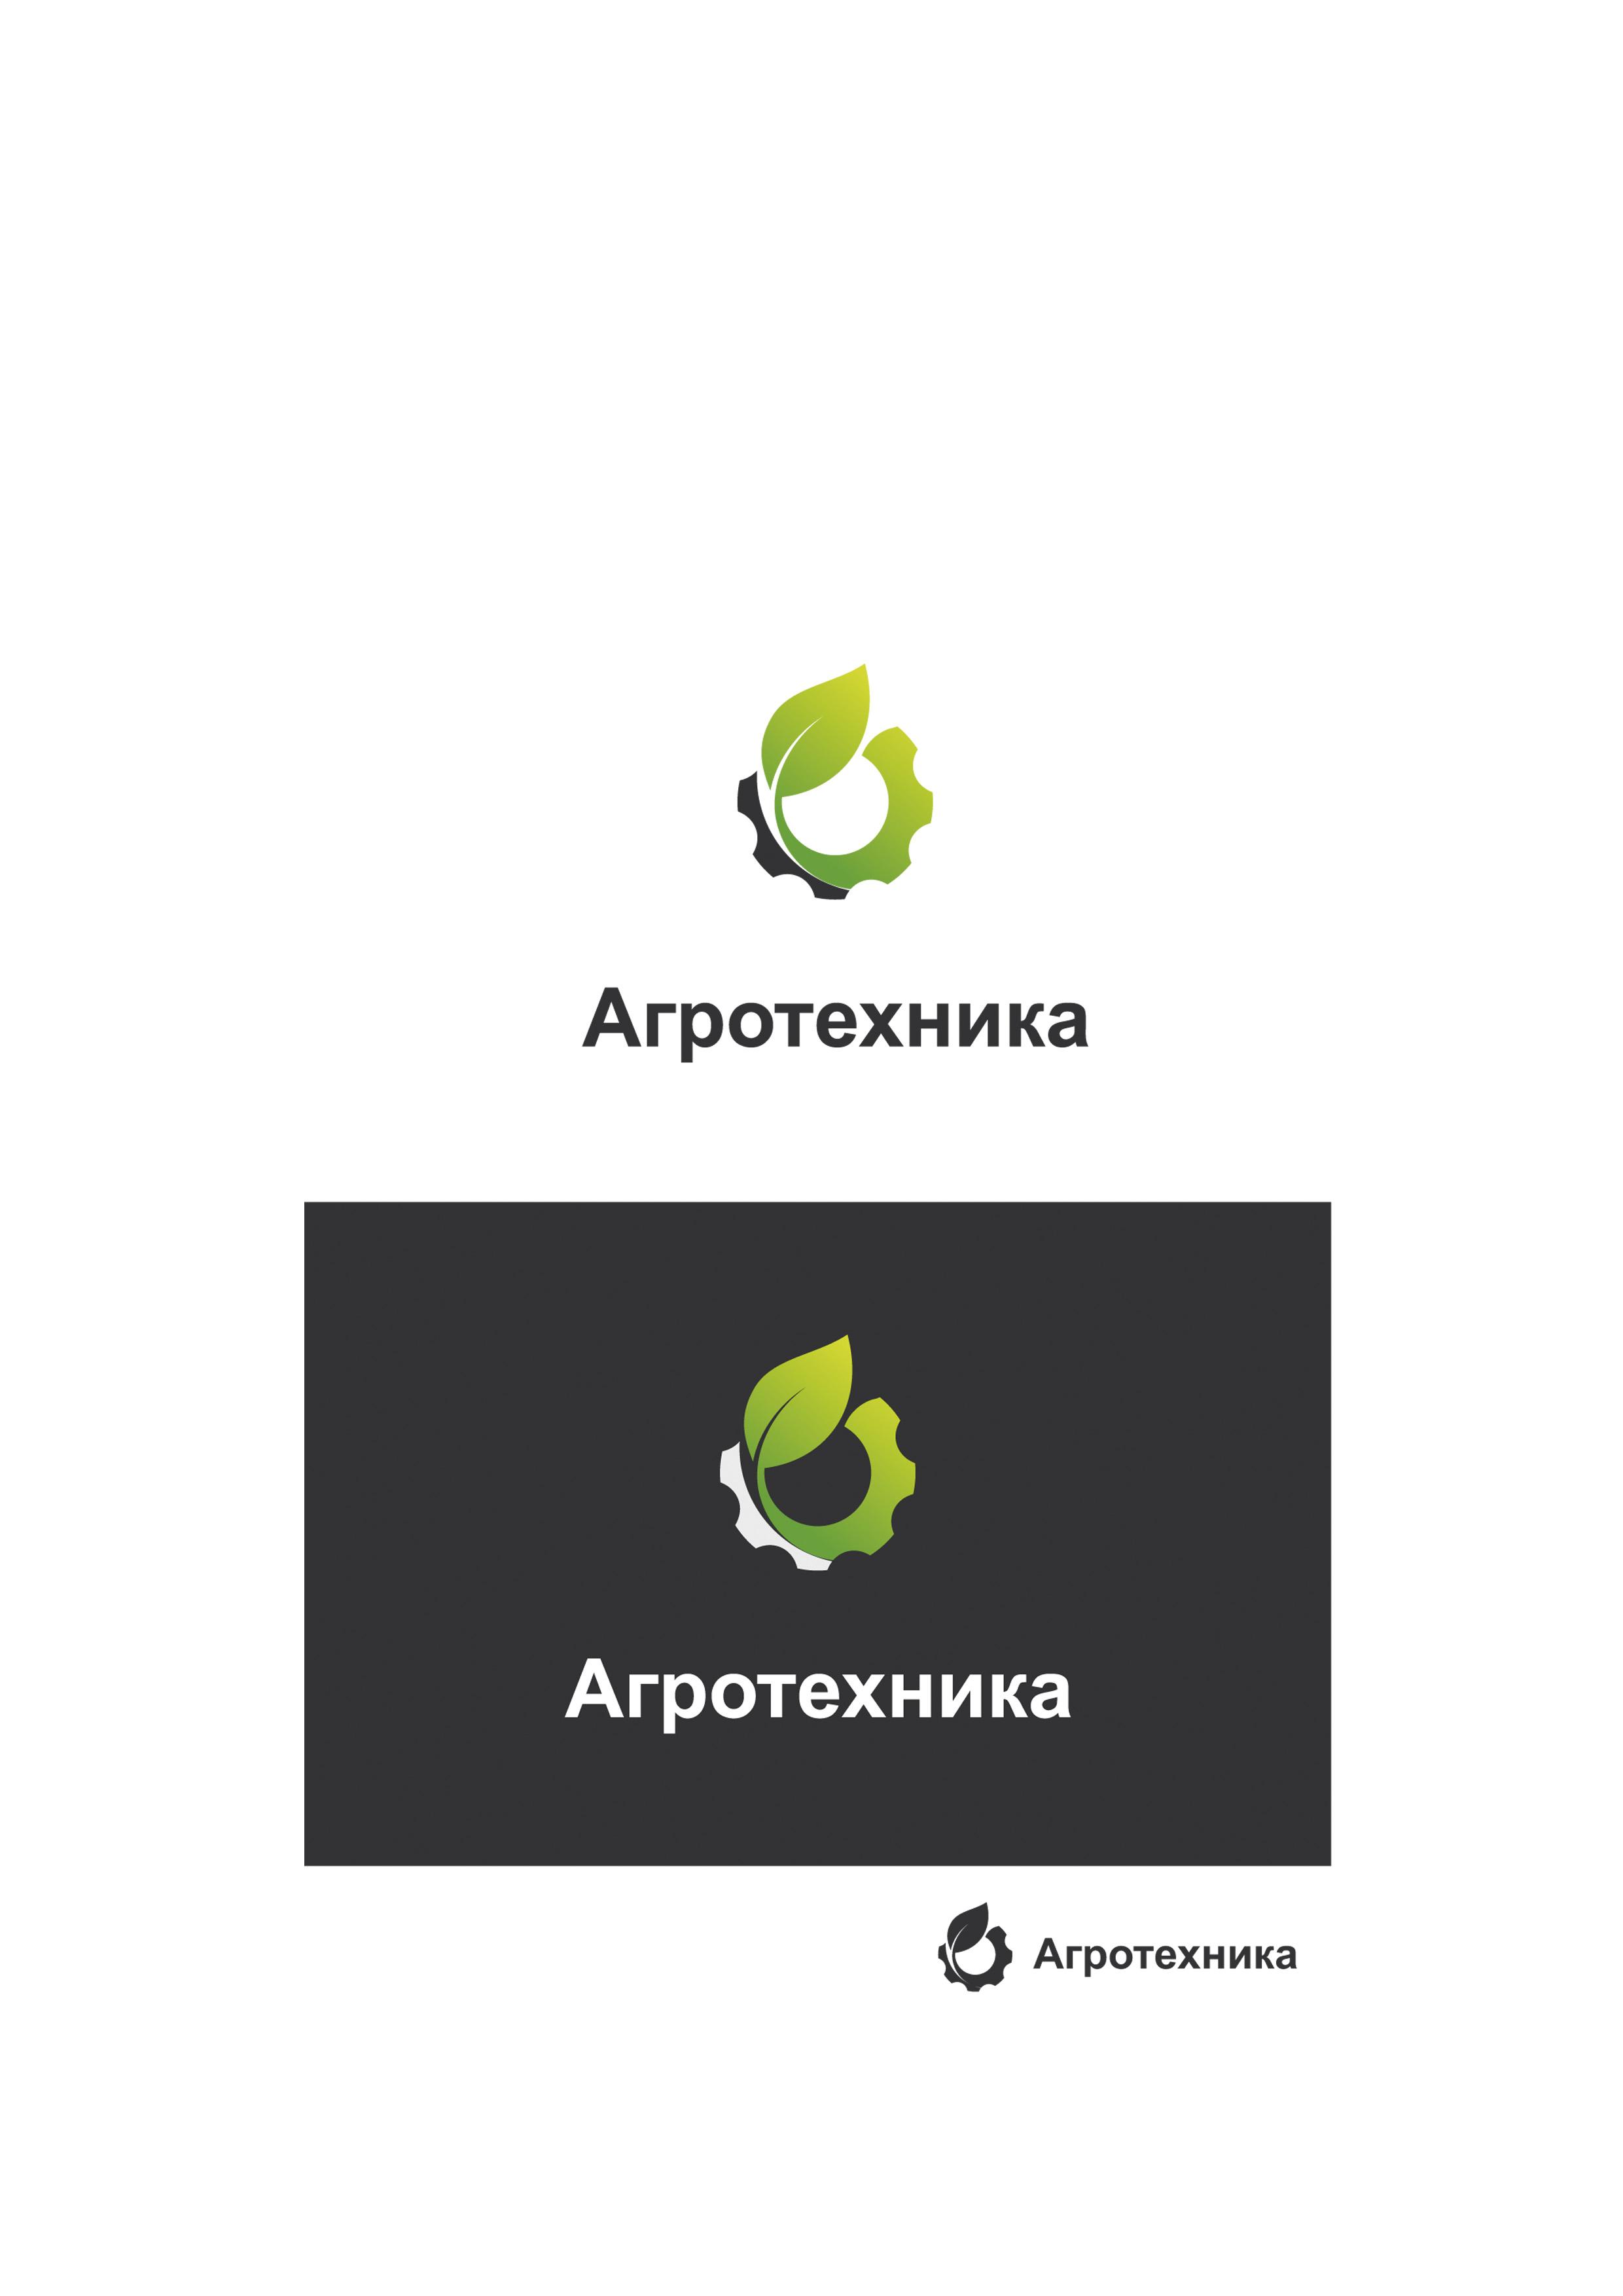 Разработка логотипа для компании Агротехника фото f_0495c059dcc3eab4.jpg